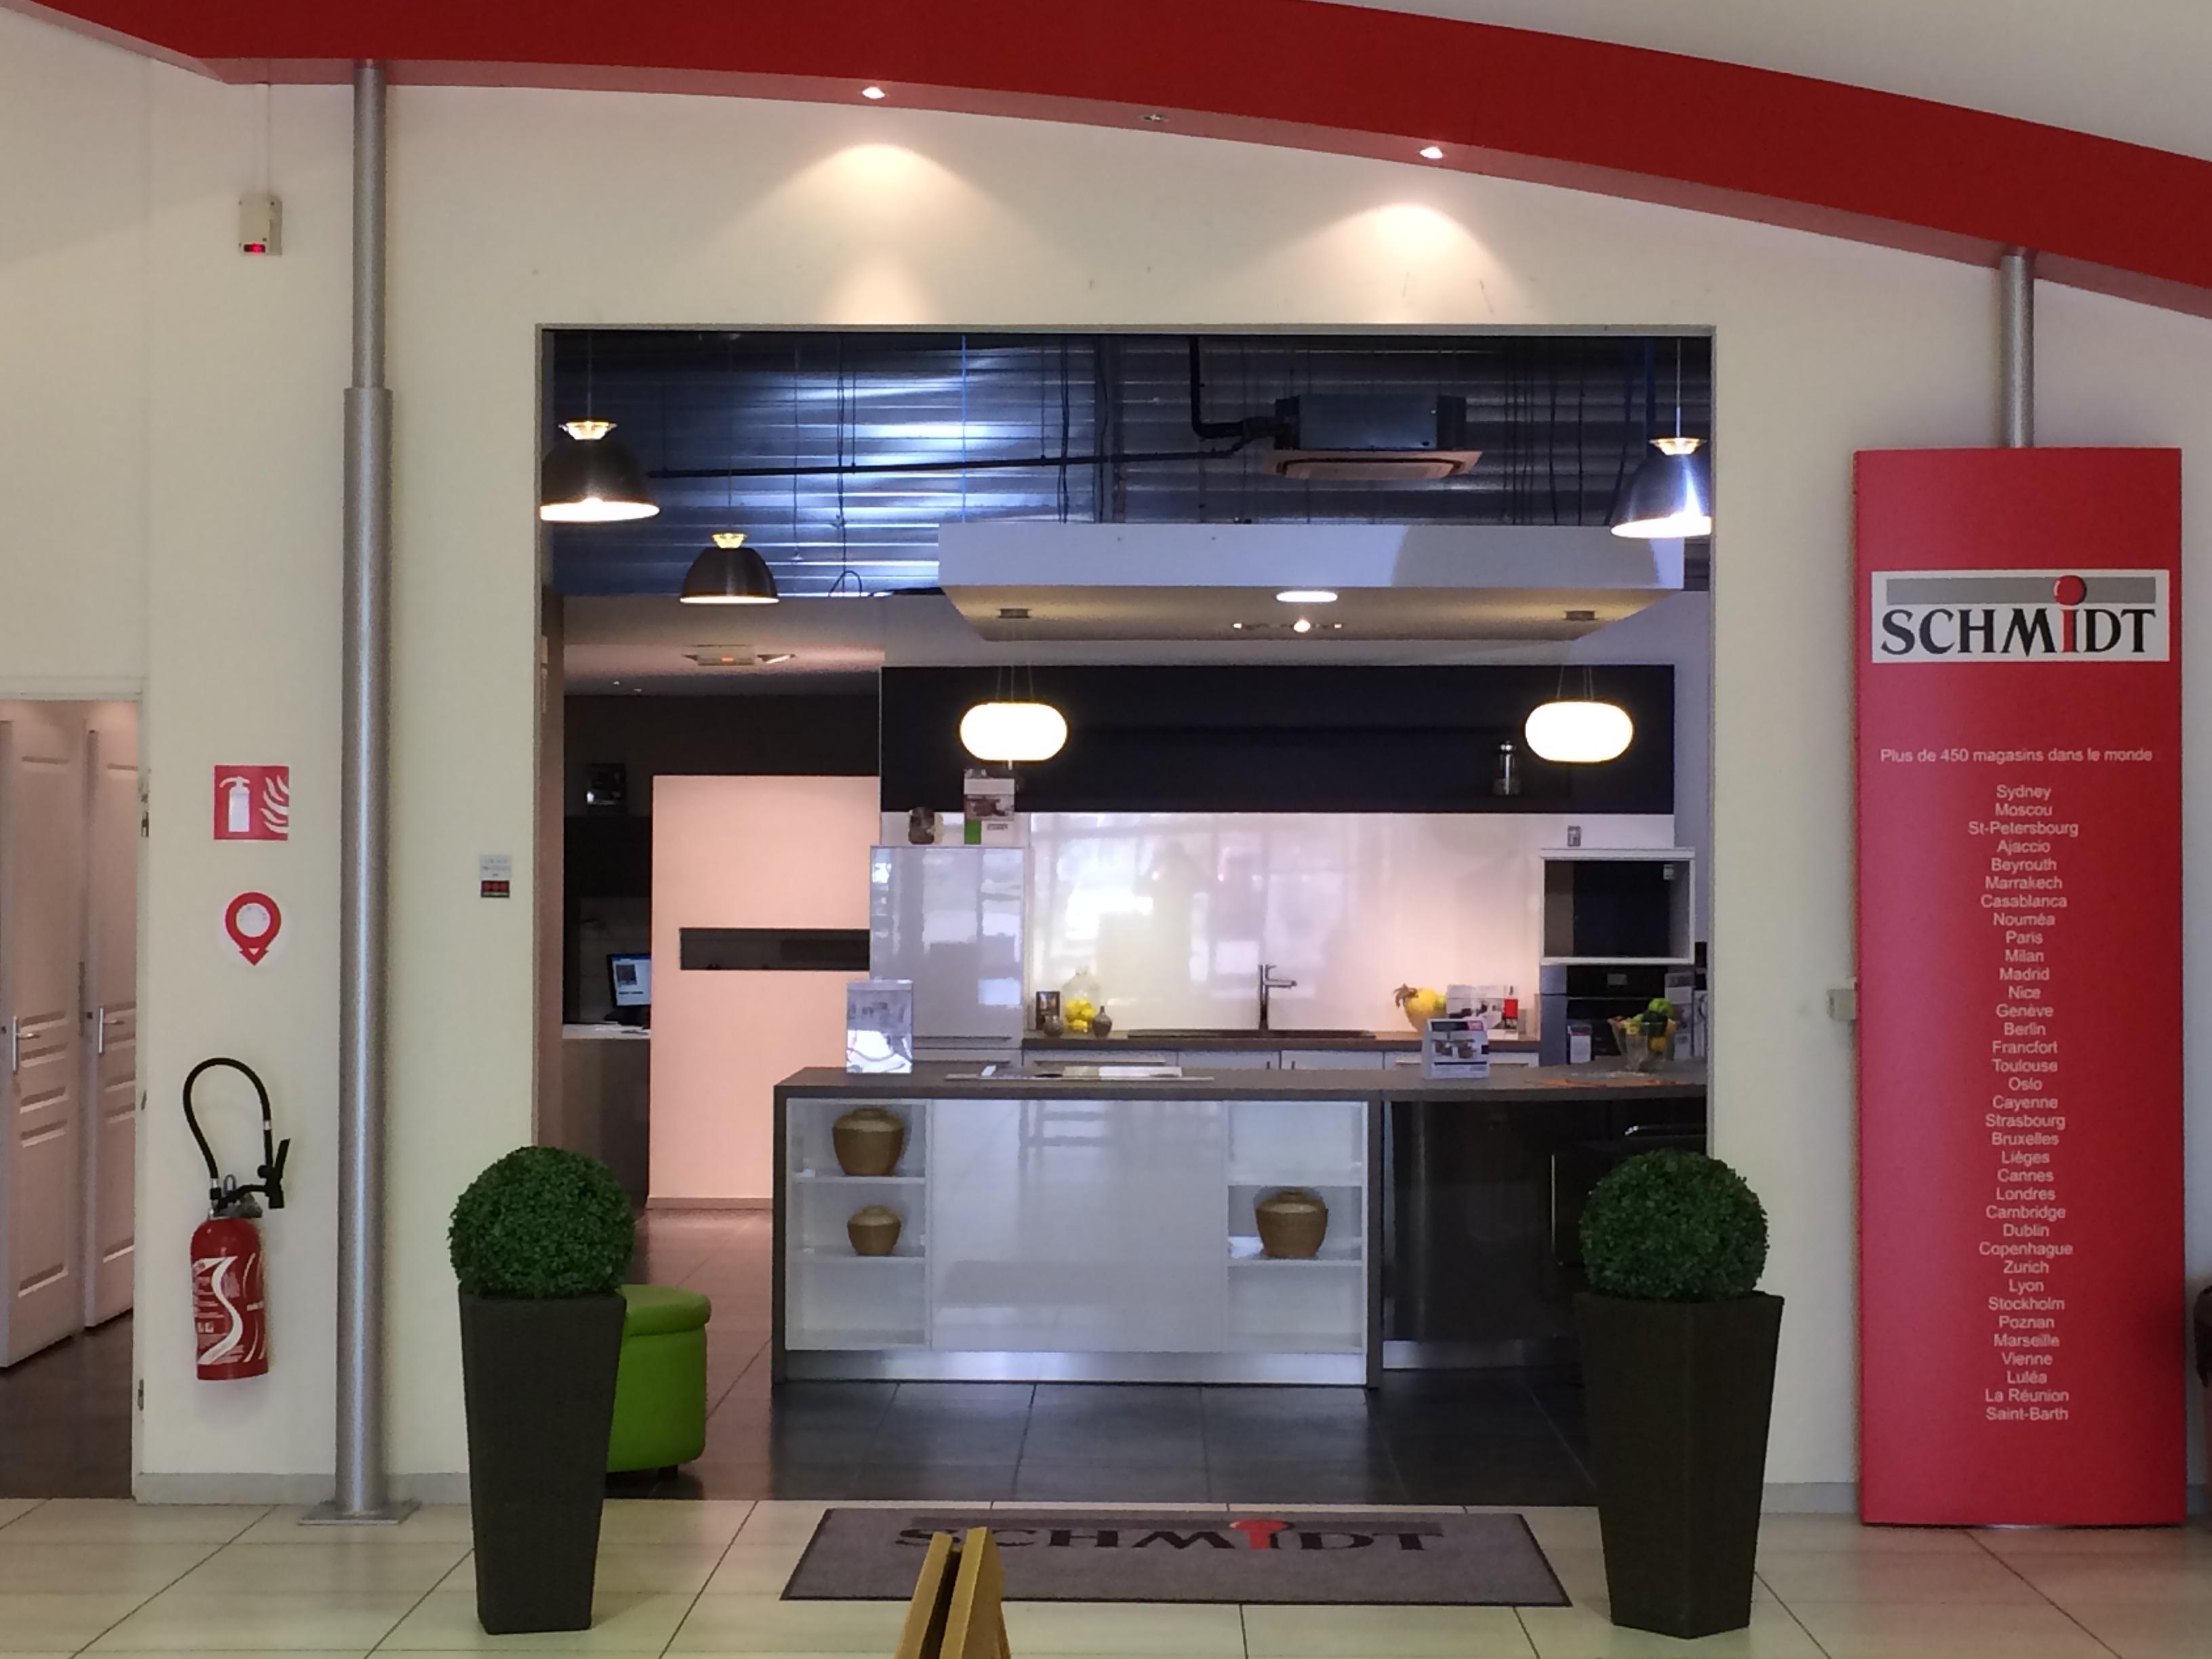 magasin de cuisine rangement salle de bains moncel les luneville cuisines schmidt. Black Bedroom Furniture Sets. Home Design Ideas